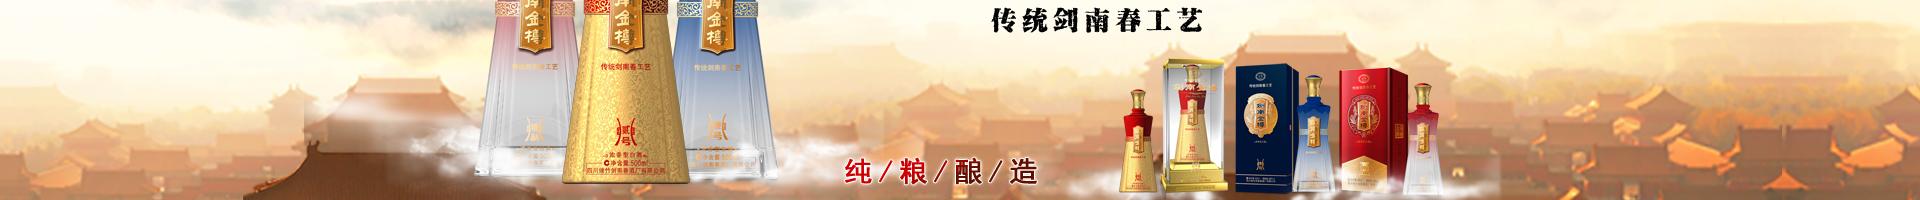 剑南金樽酒全国运营中心